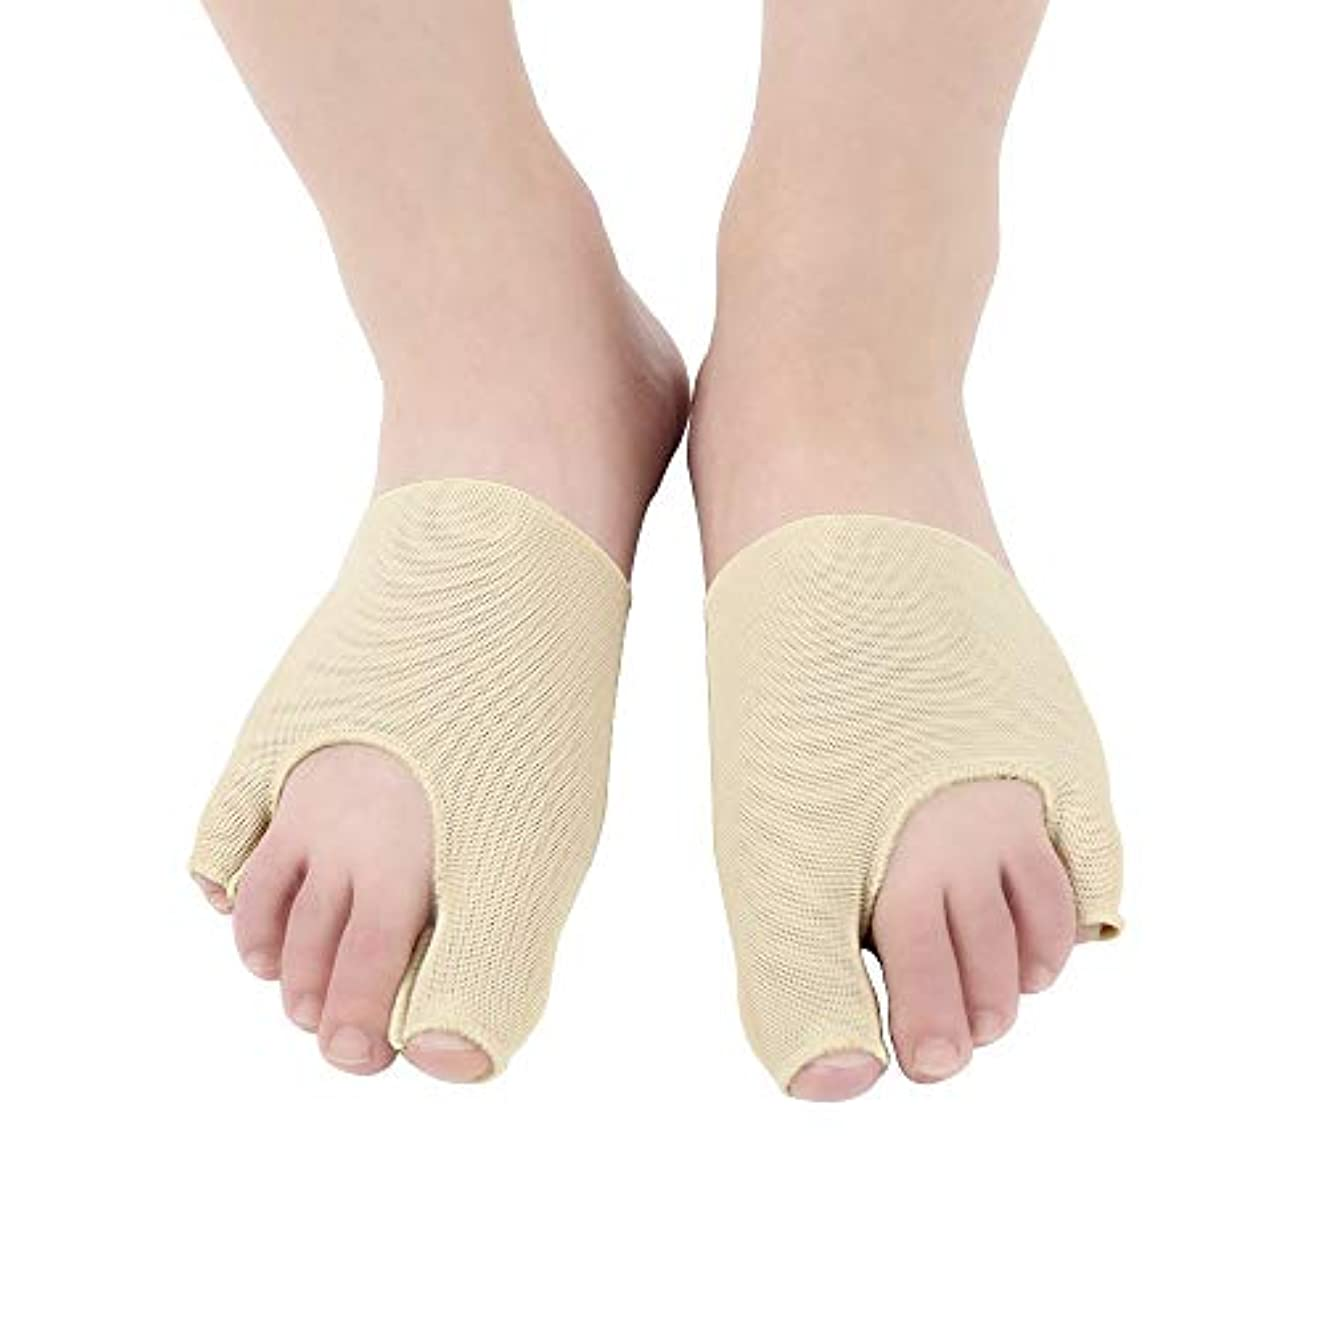 差別化する倫理全員高弾性のためのつま先補正靴下ケア厚手のダンピング吸収汗通気性ナイロン布をつま先外反の重複を防ぐために吸収,2pairs,S